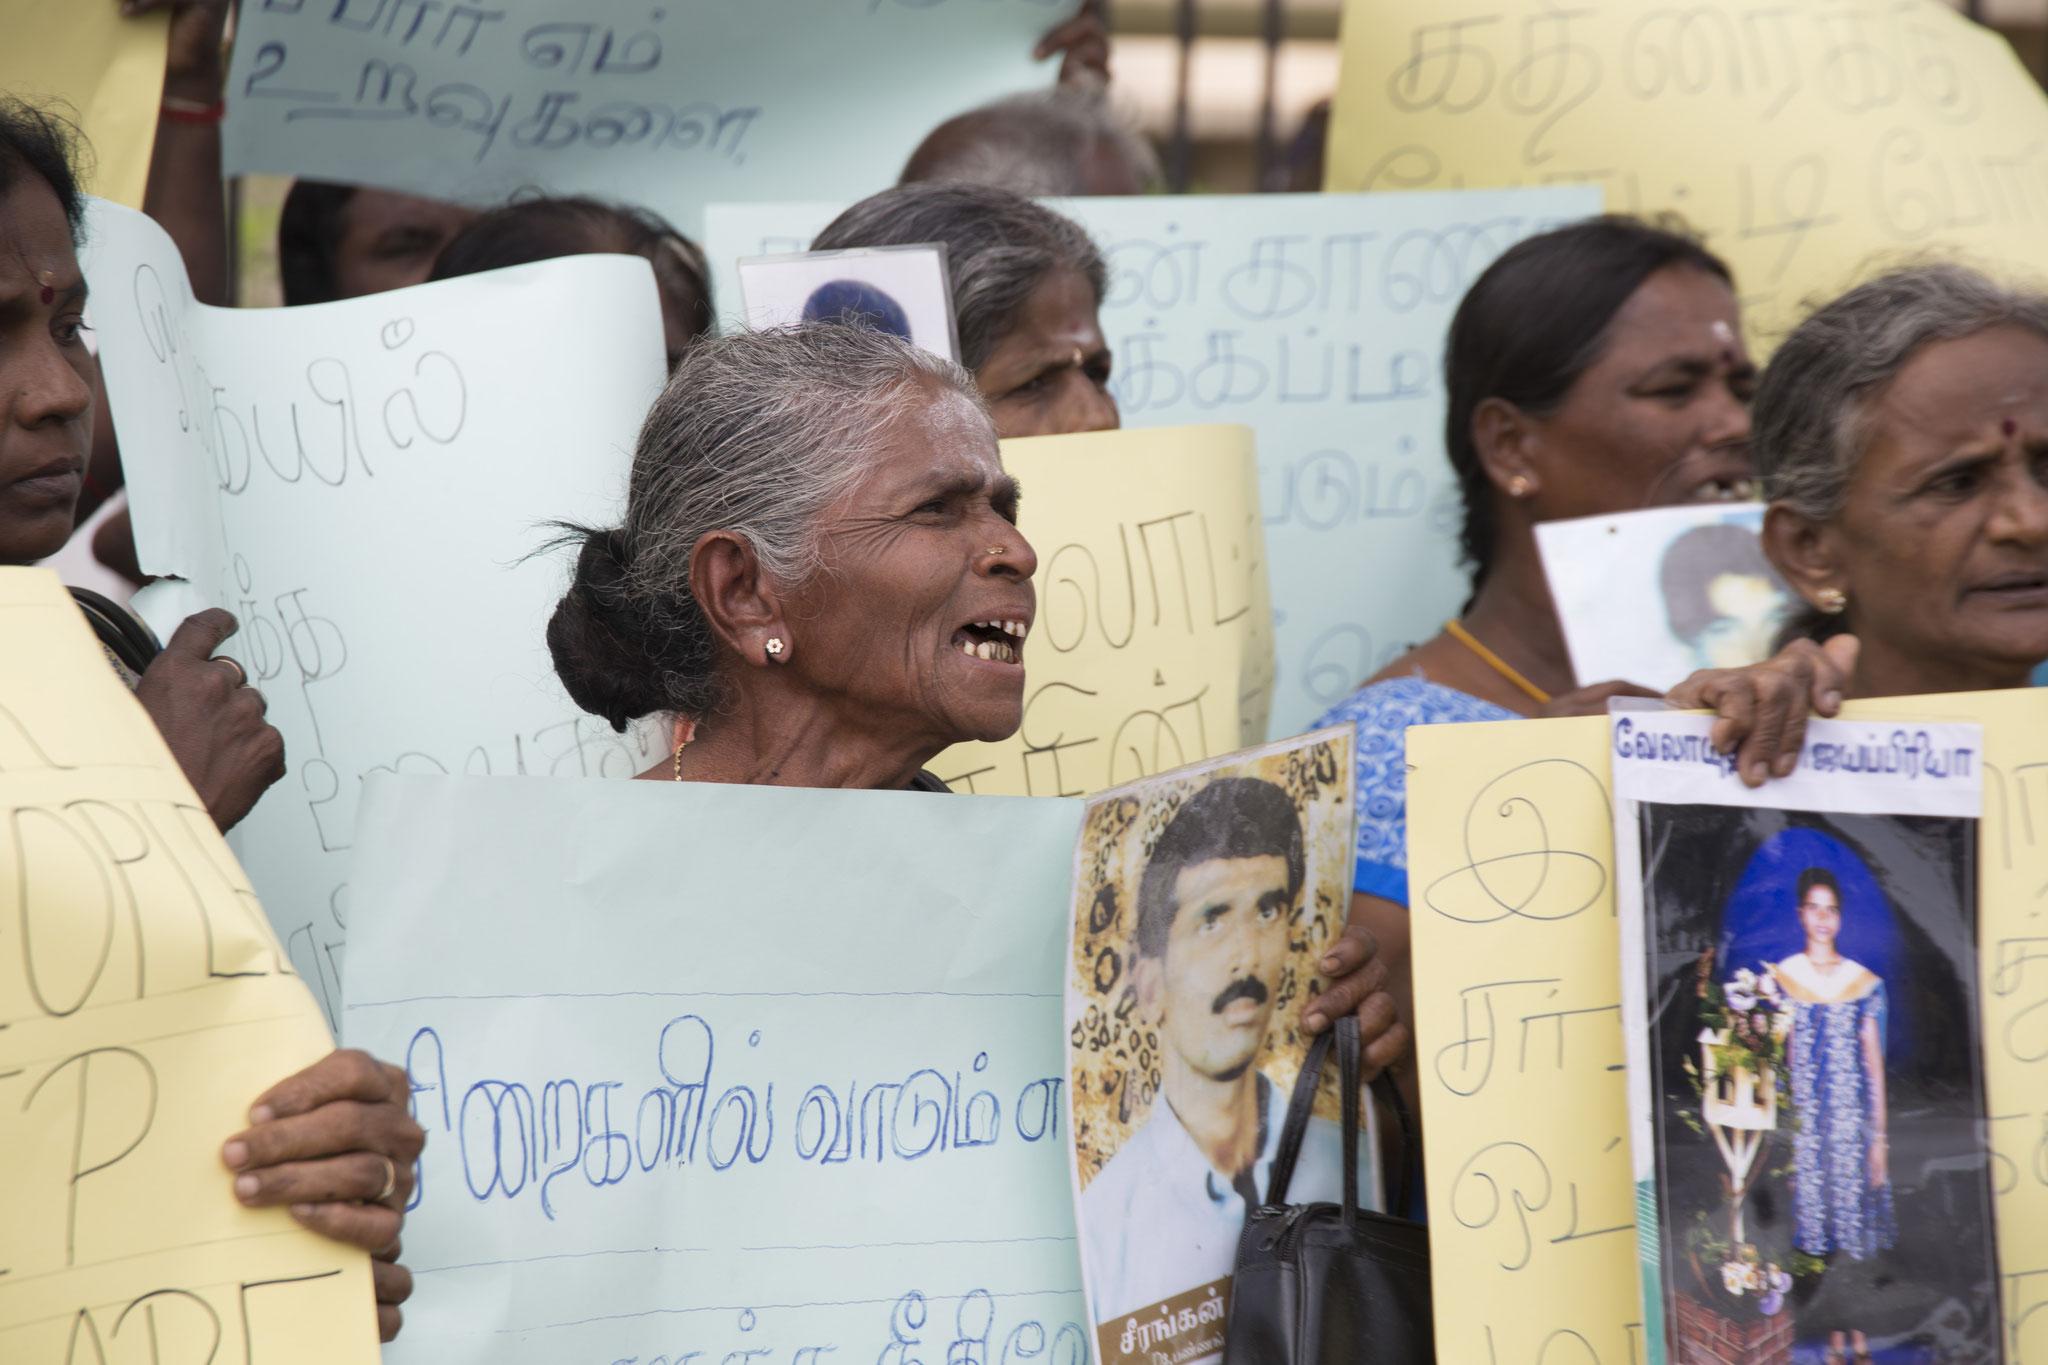 Auf der Demonstration am Human Rights Day schreit eine Frau nach Gerechtigkeit. Mullaitivu, 2018